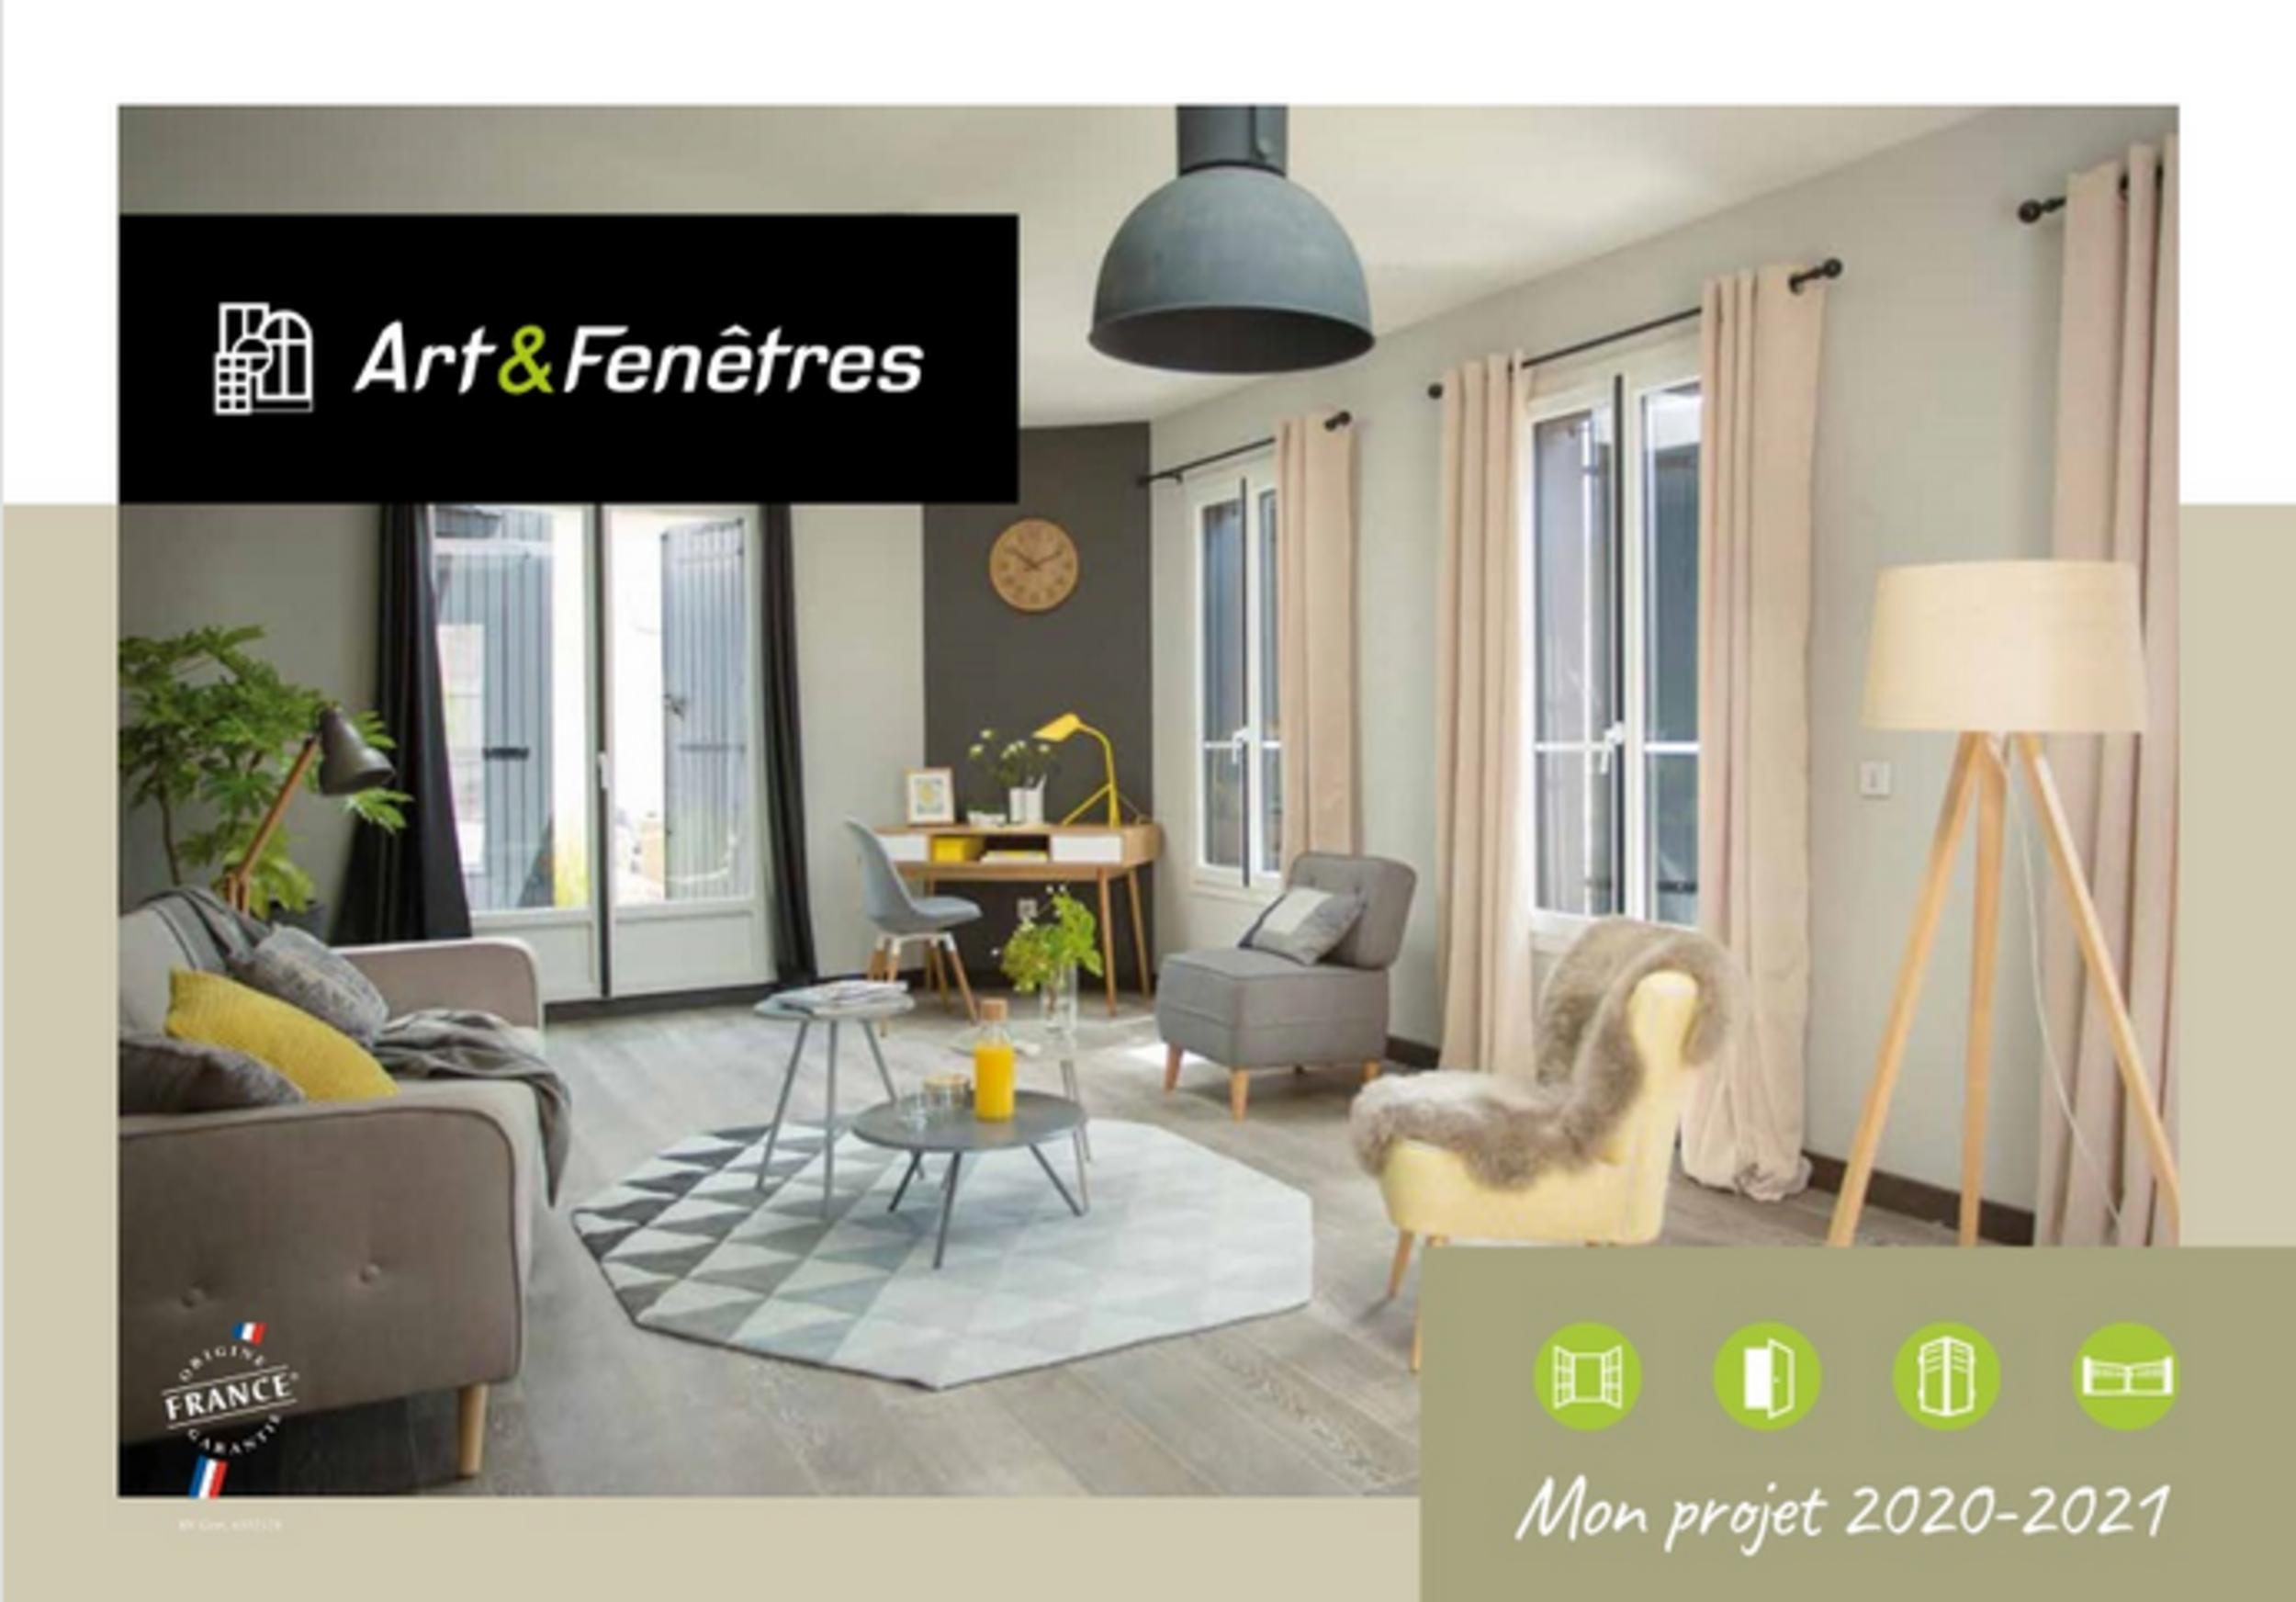 Nouveau catalogue Art & Fenêtres 2020/21